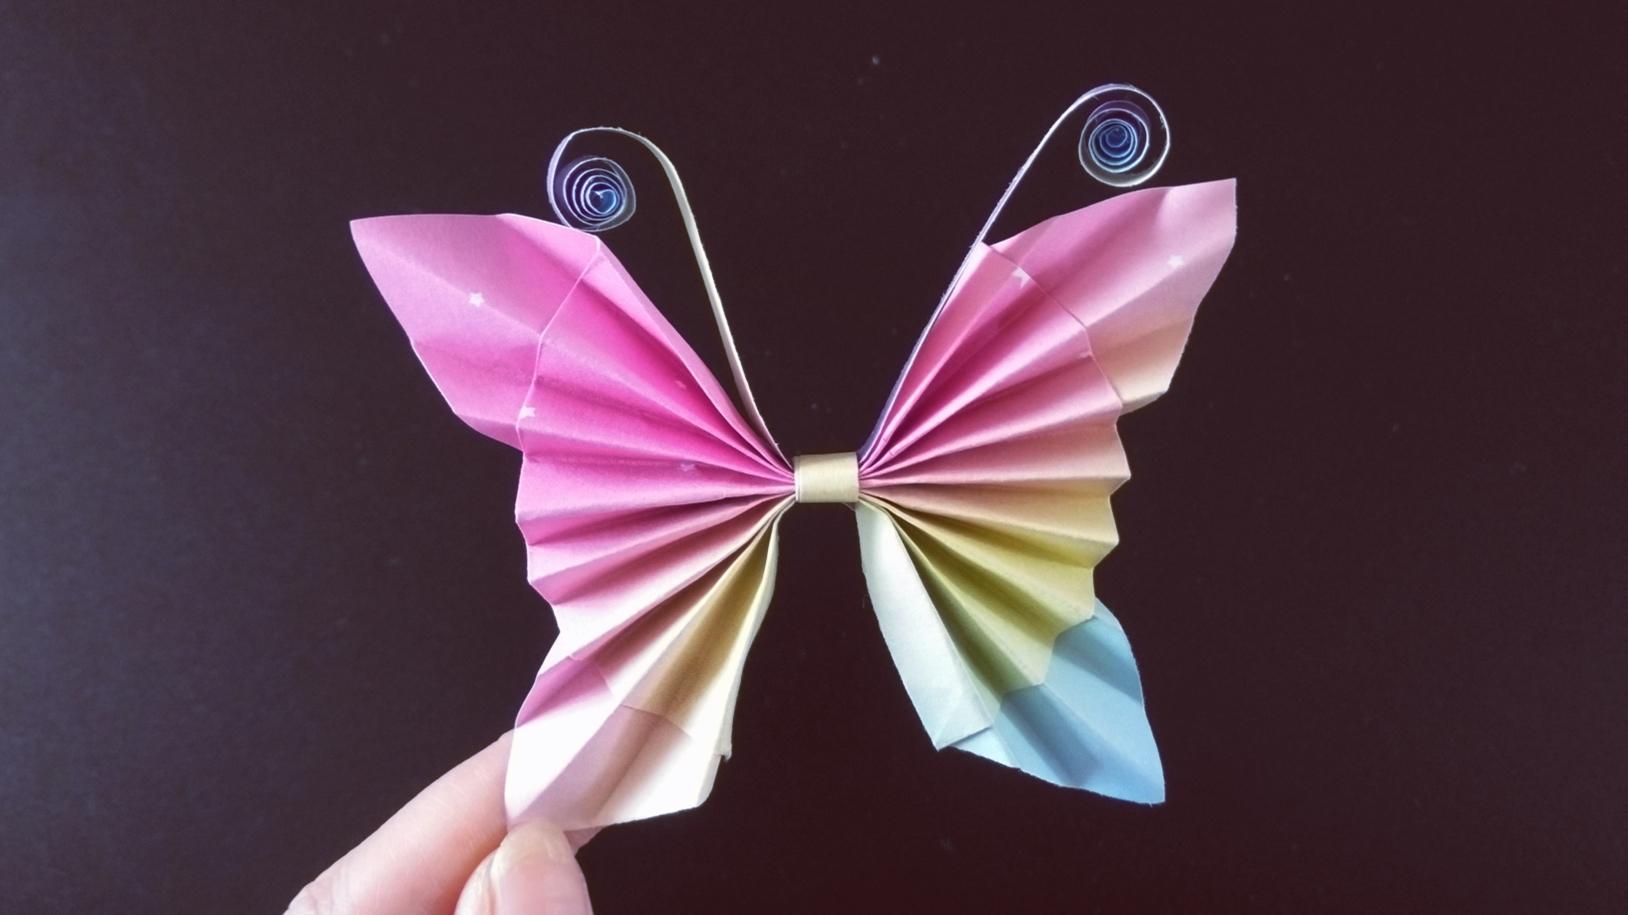 非常简单的 蝴蝶花冠折纸,据说幼儿园老师折不出这么好看的 360影视